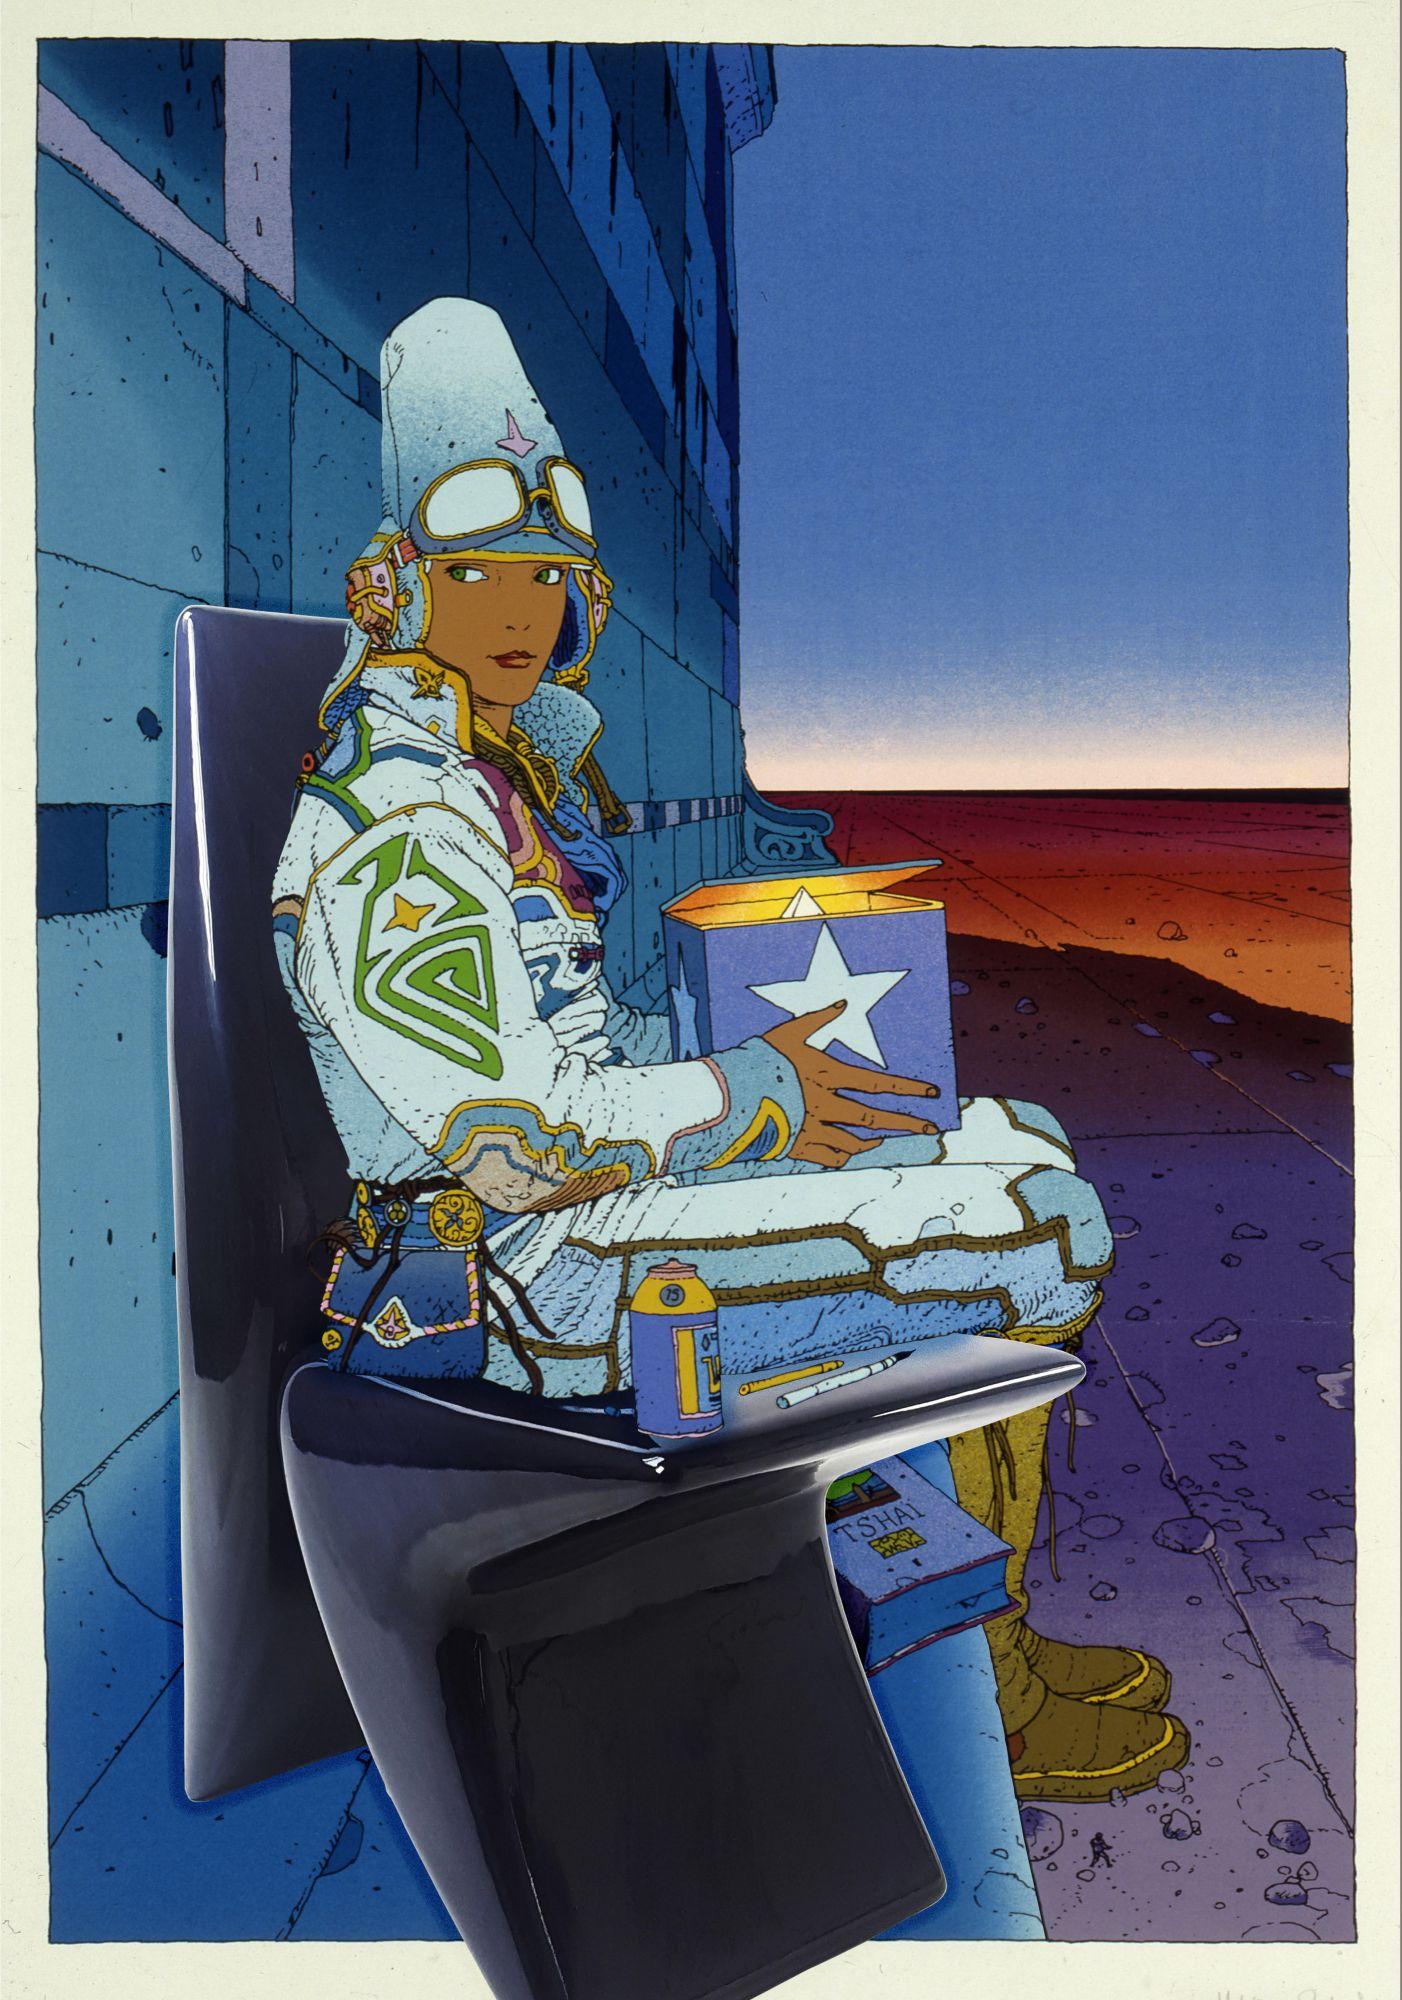 au-bord-du-monde-starwat002-henryot-cie-chauffeuse chaise futur laque noir designer marty